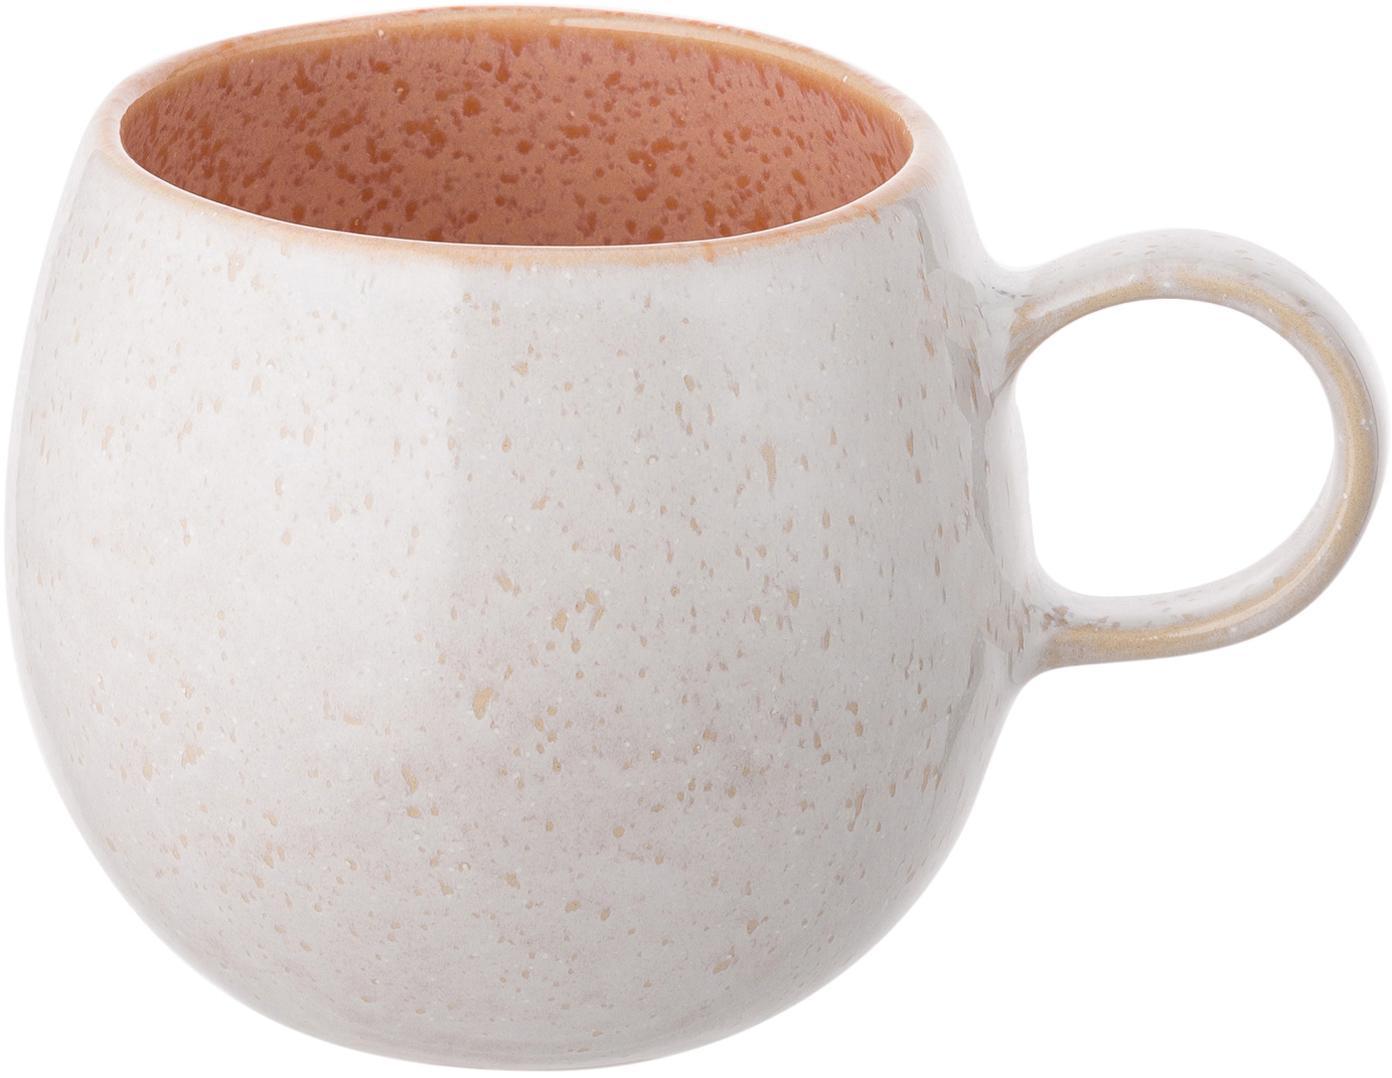 Tazze da tè dipinte a mano Areia, 2 pz., Gres, Tonalità rosse, bianco latteo, beige chiaro, Ø 9 x A 10 cm